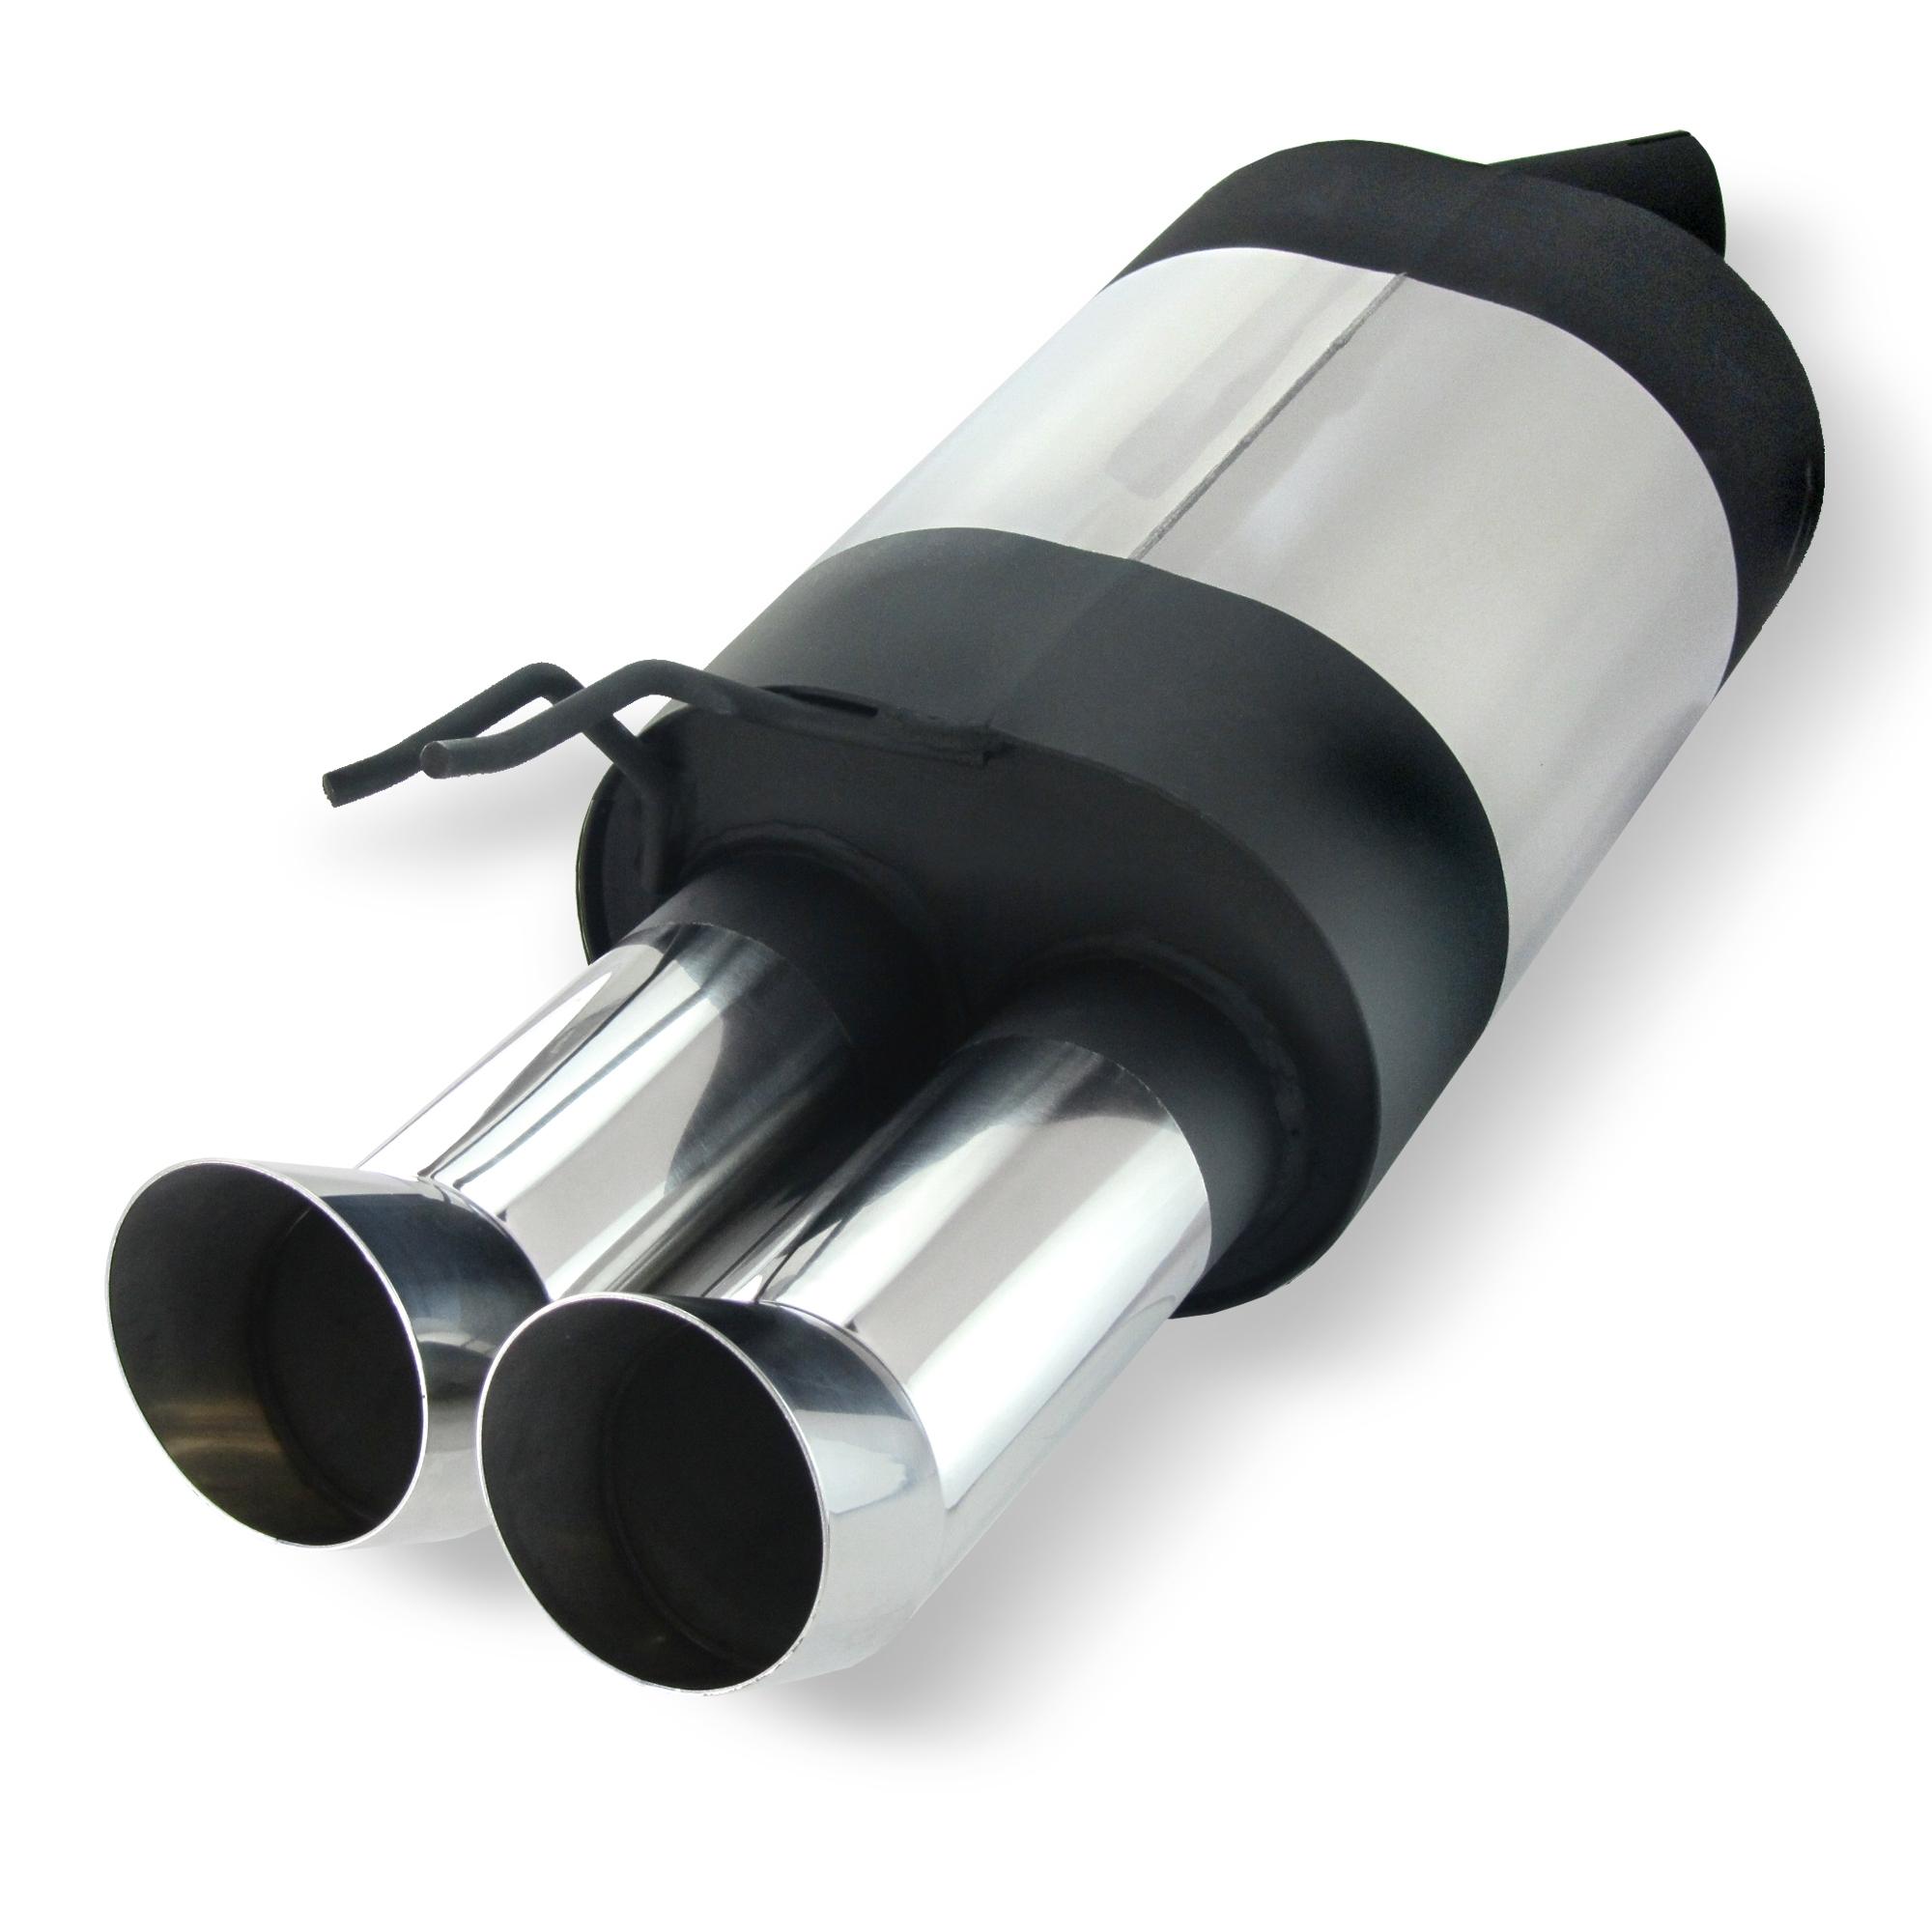 JOM Bagpotte rustfri stål med 2x76 mm afgange - DTM look. Til Renault Twingo 1 Udvendig tilbehør > Udstødning